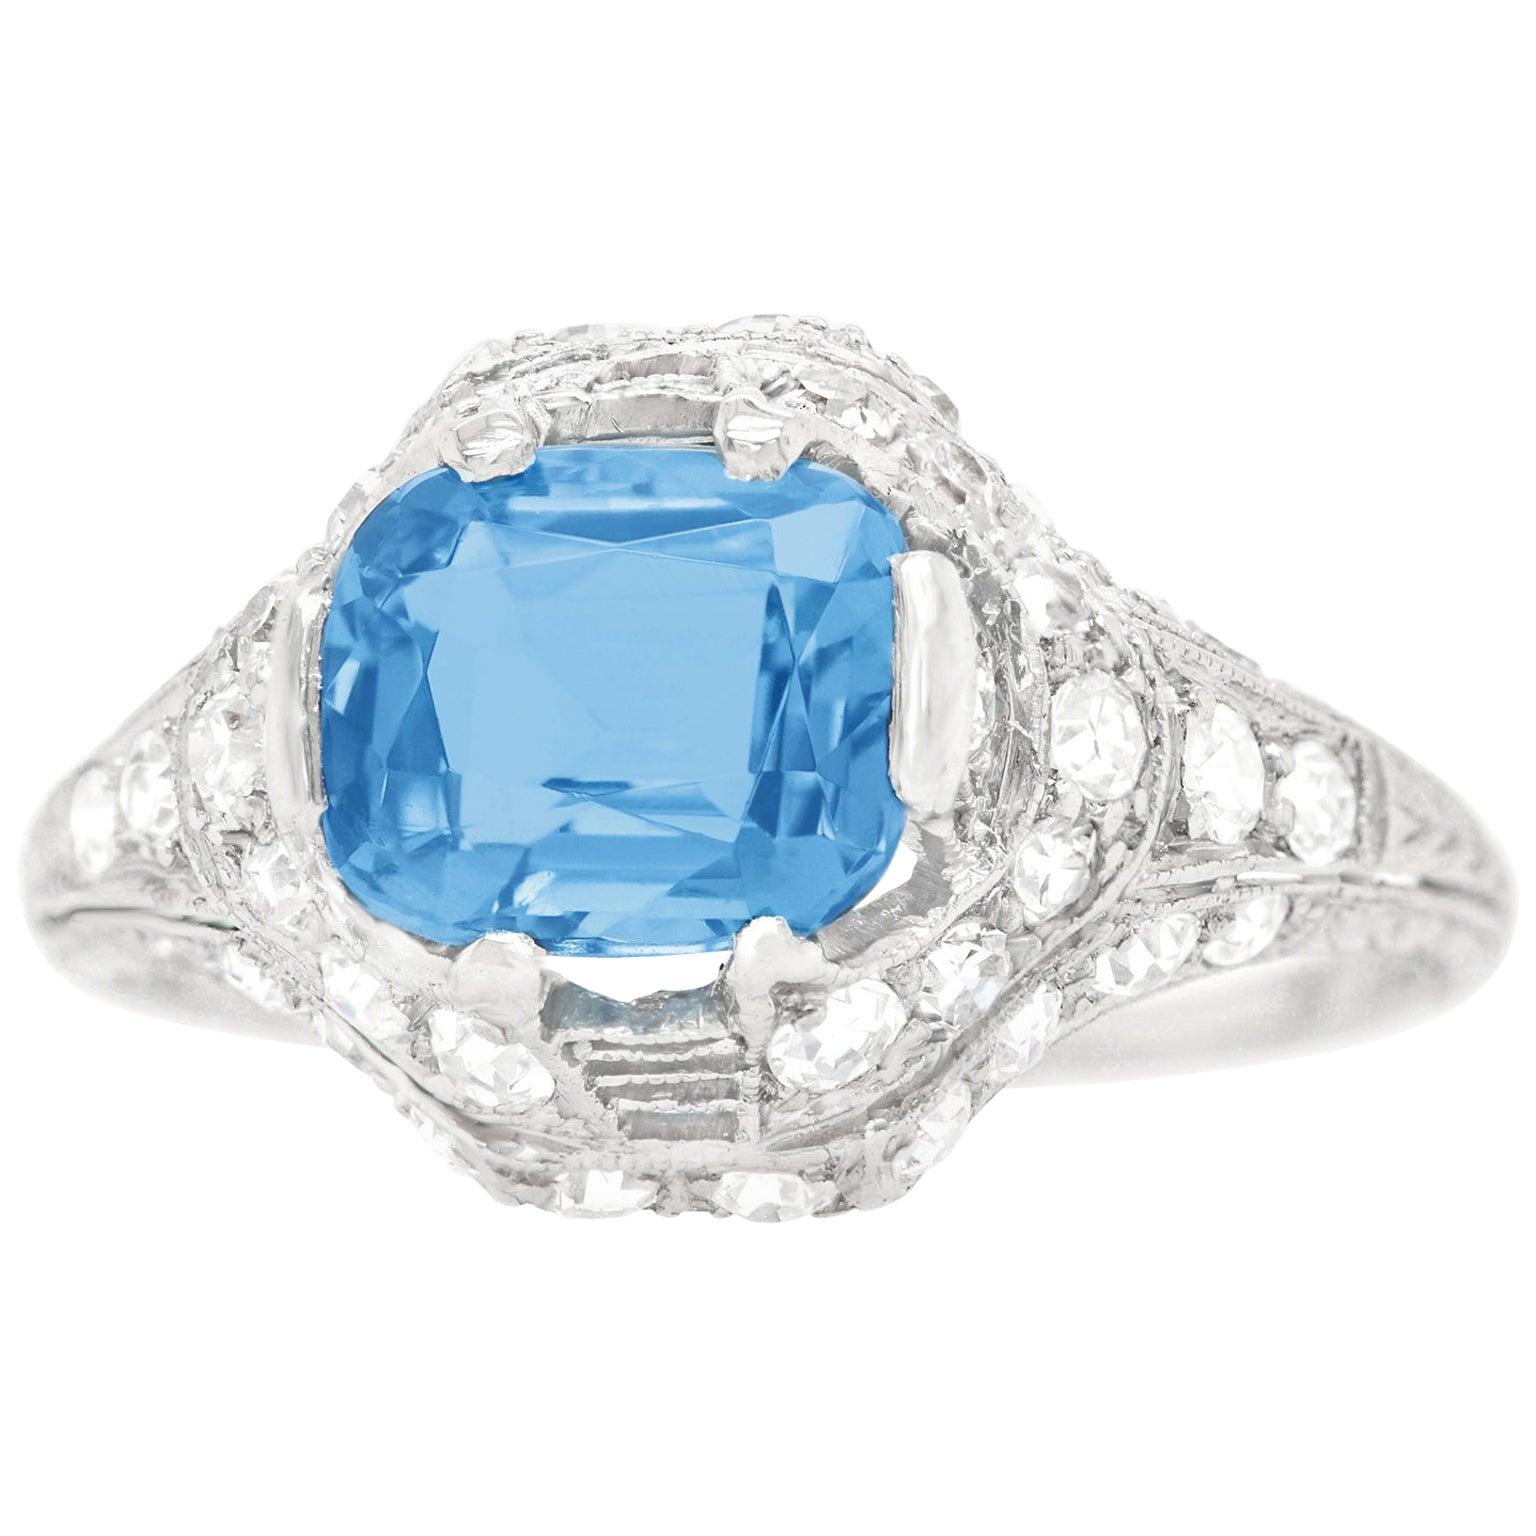 Art Deco Aquamarine and Diamond Ring Platinum